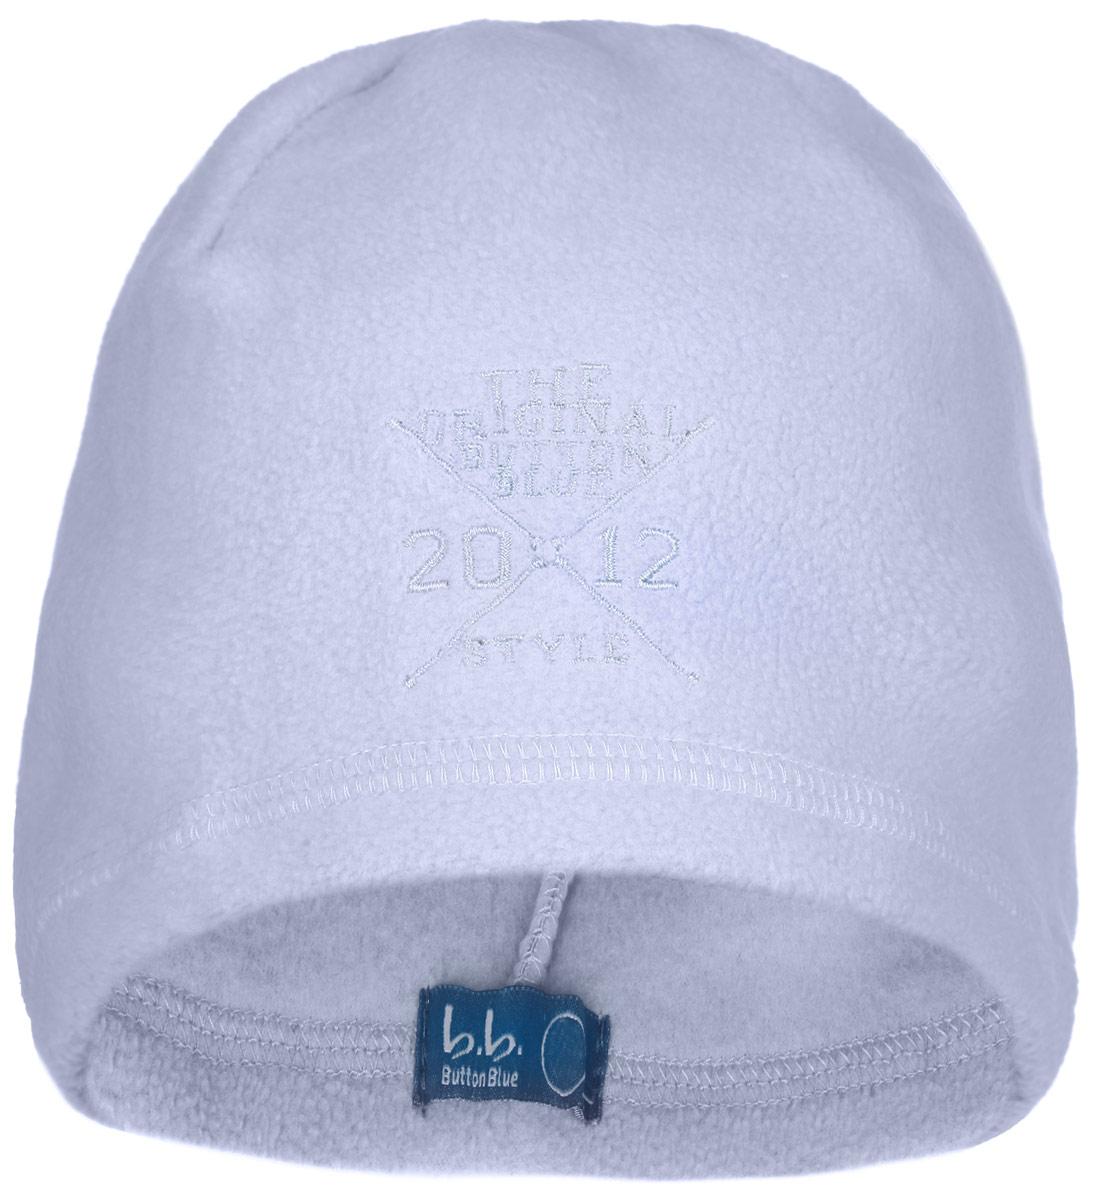 Шапка детская116BBBB7308Стильная флисовая шапка для мальчика Button Blue идеально подойдет для прогулок в прохладное время года. Изготовленная из высококачественного полиэстера, она необычайно мягкая и легкая, не раздражает нежную кожу ребенка и хорошо вентилируется. Шапка оформлена небольшой вышивкой с надписью The Original Button Blue Style 2012. Такая шапка станет модным и стильным предметом детского гардероба. Она улучшит настроение даже в хмурые прохладные дни! Уважаемые клиенты! Размер, доступный для заказа, является обхватом головы ребенка.